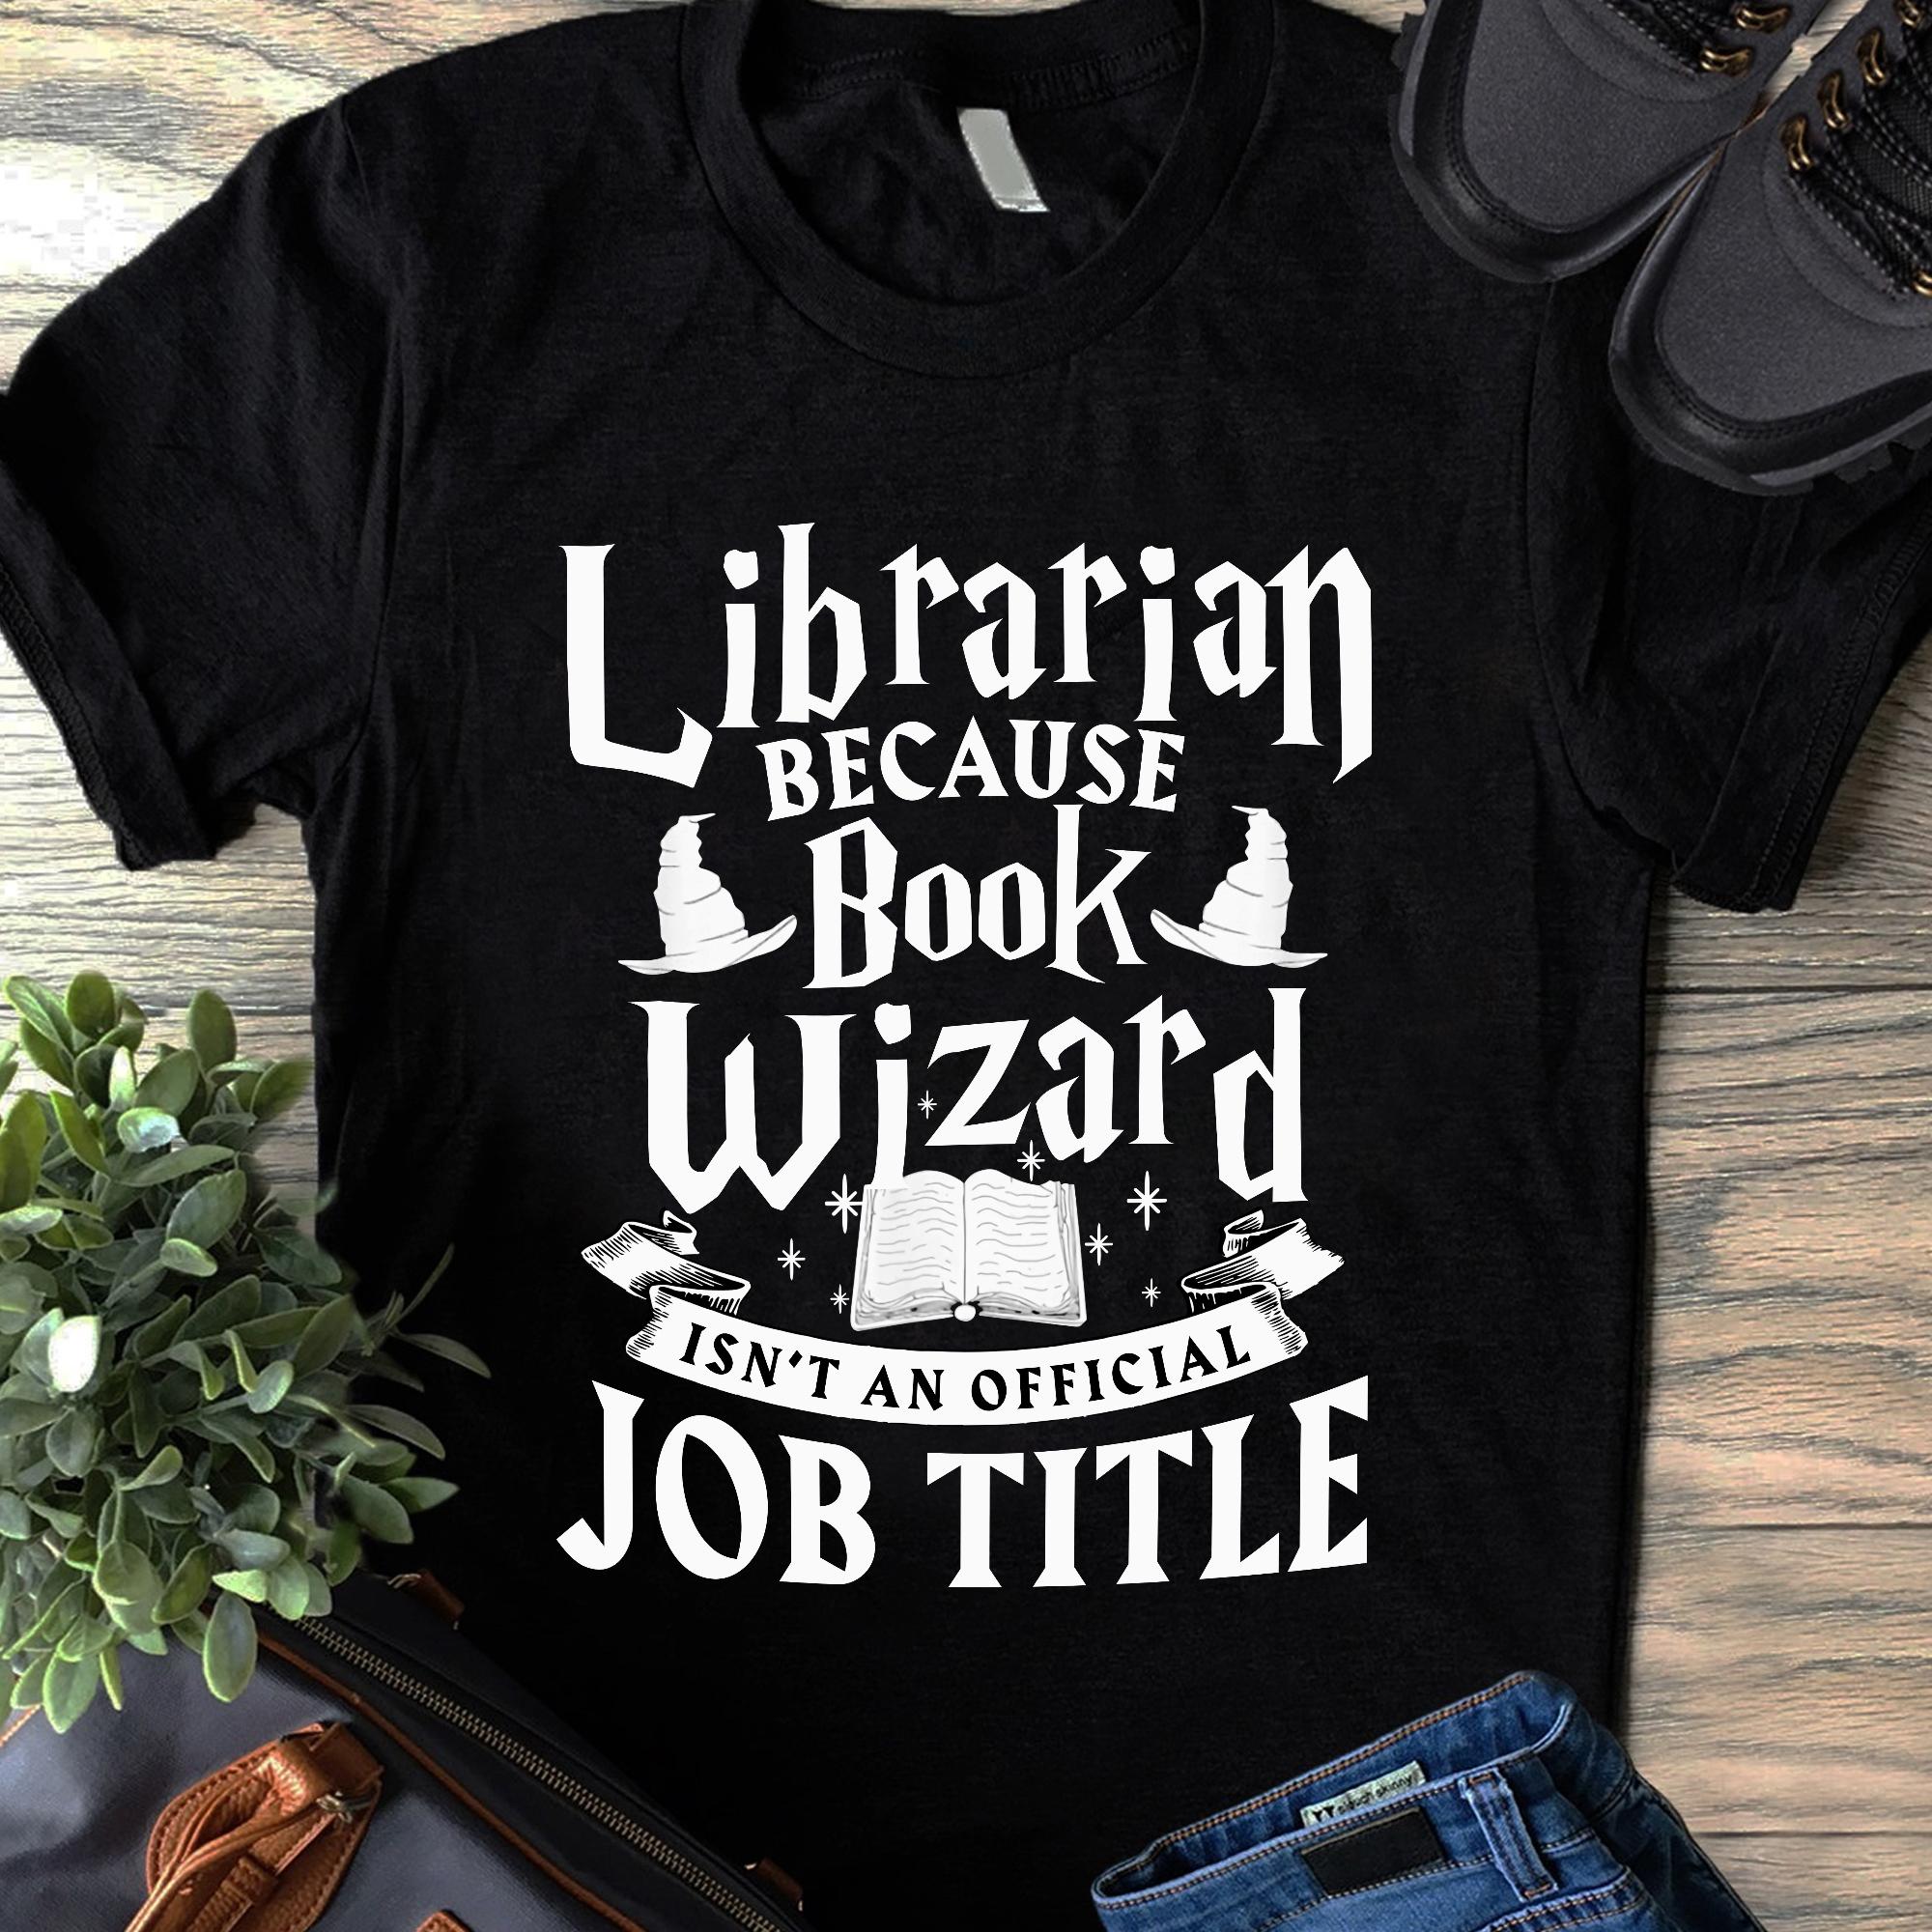 Librarian Shirt Book Wizard Isn't An Official Job Title